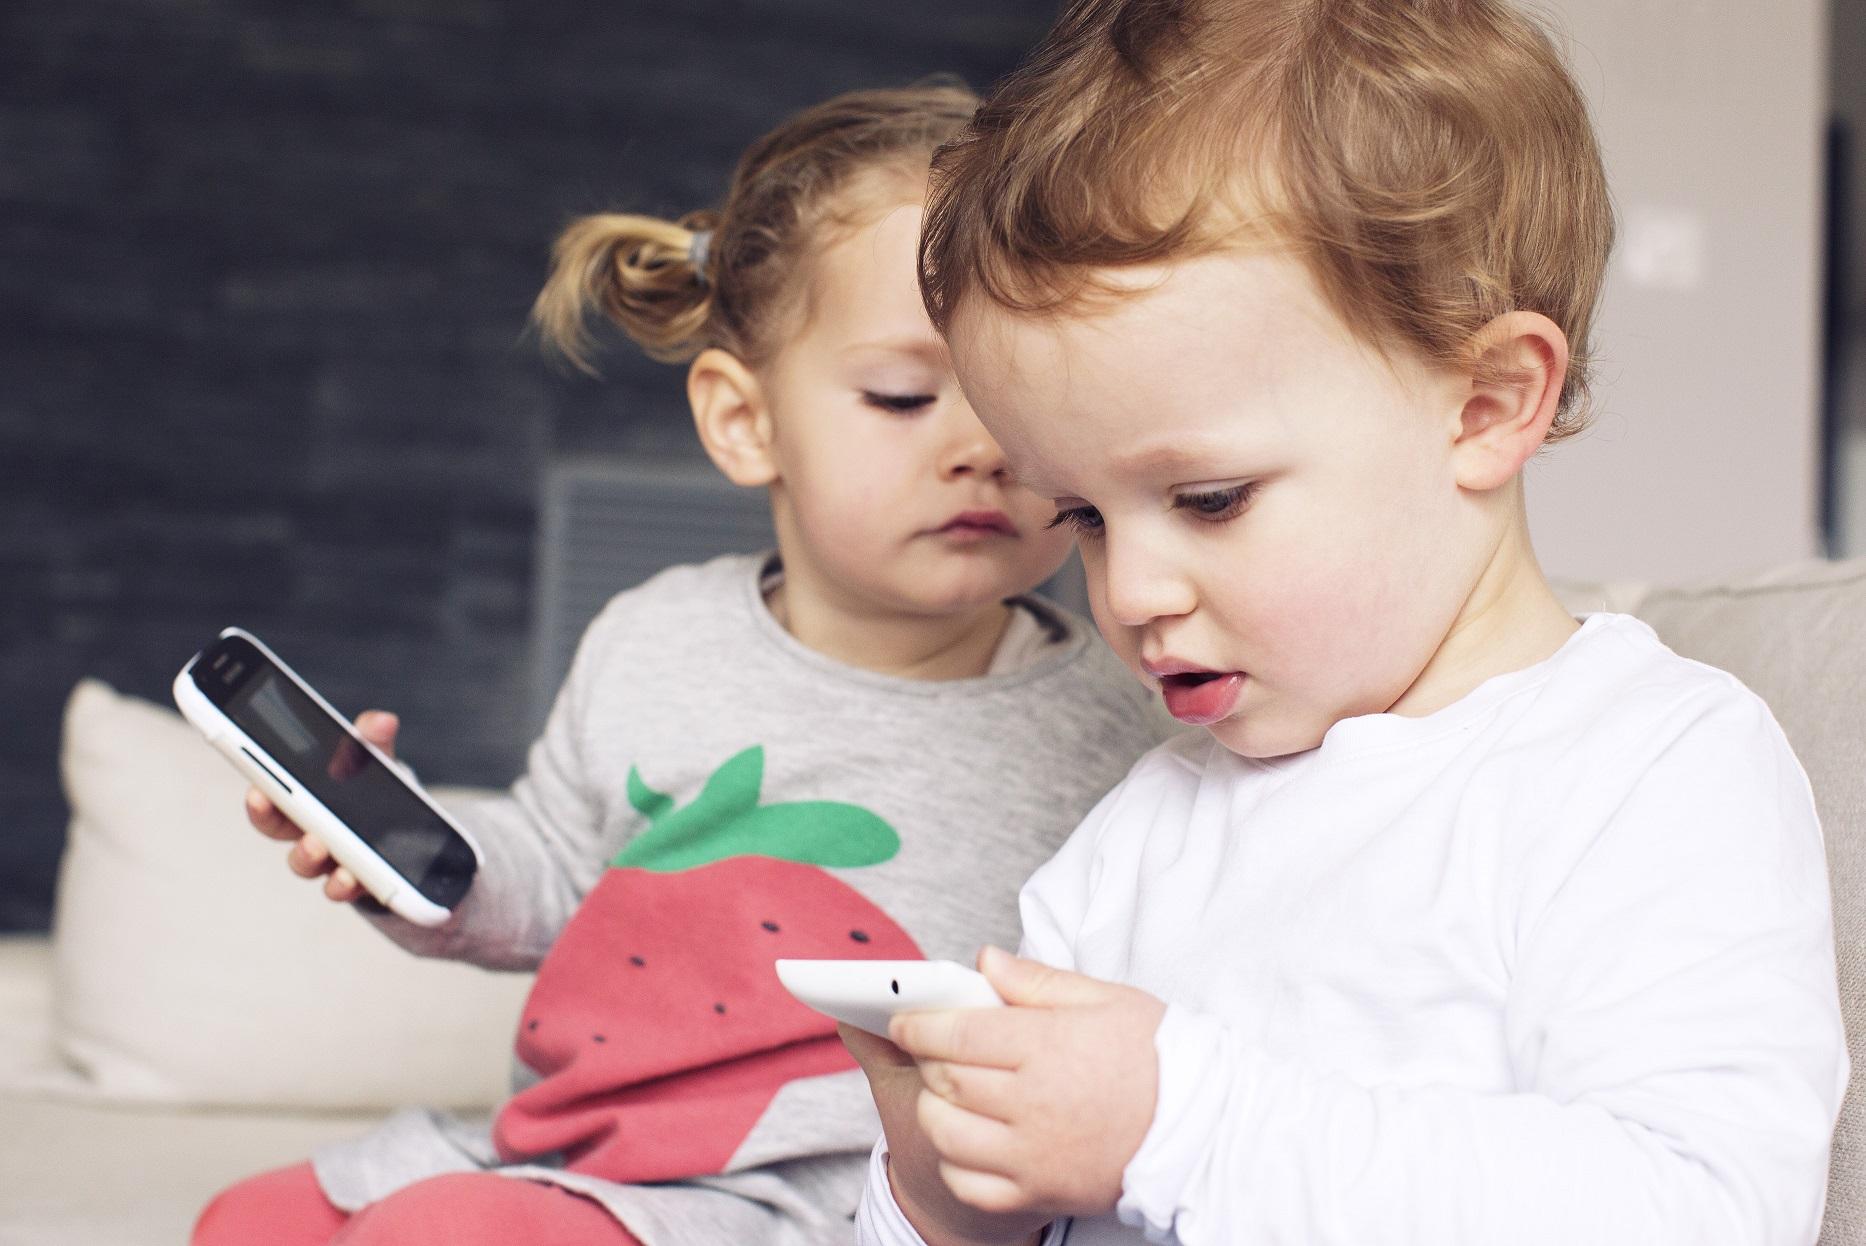 1eebb59d630f5 Uso excessivo de celulares pode provocar a miopia precoce. Foto Anne-Sophie  Bost